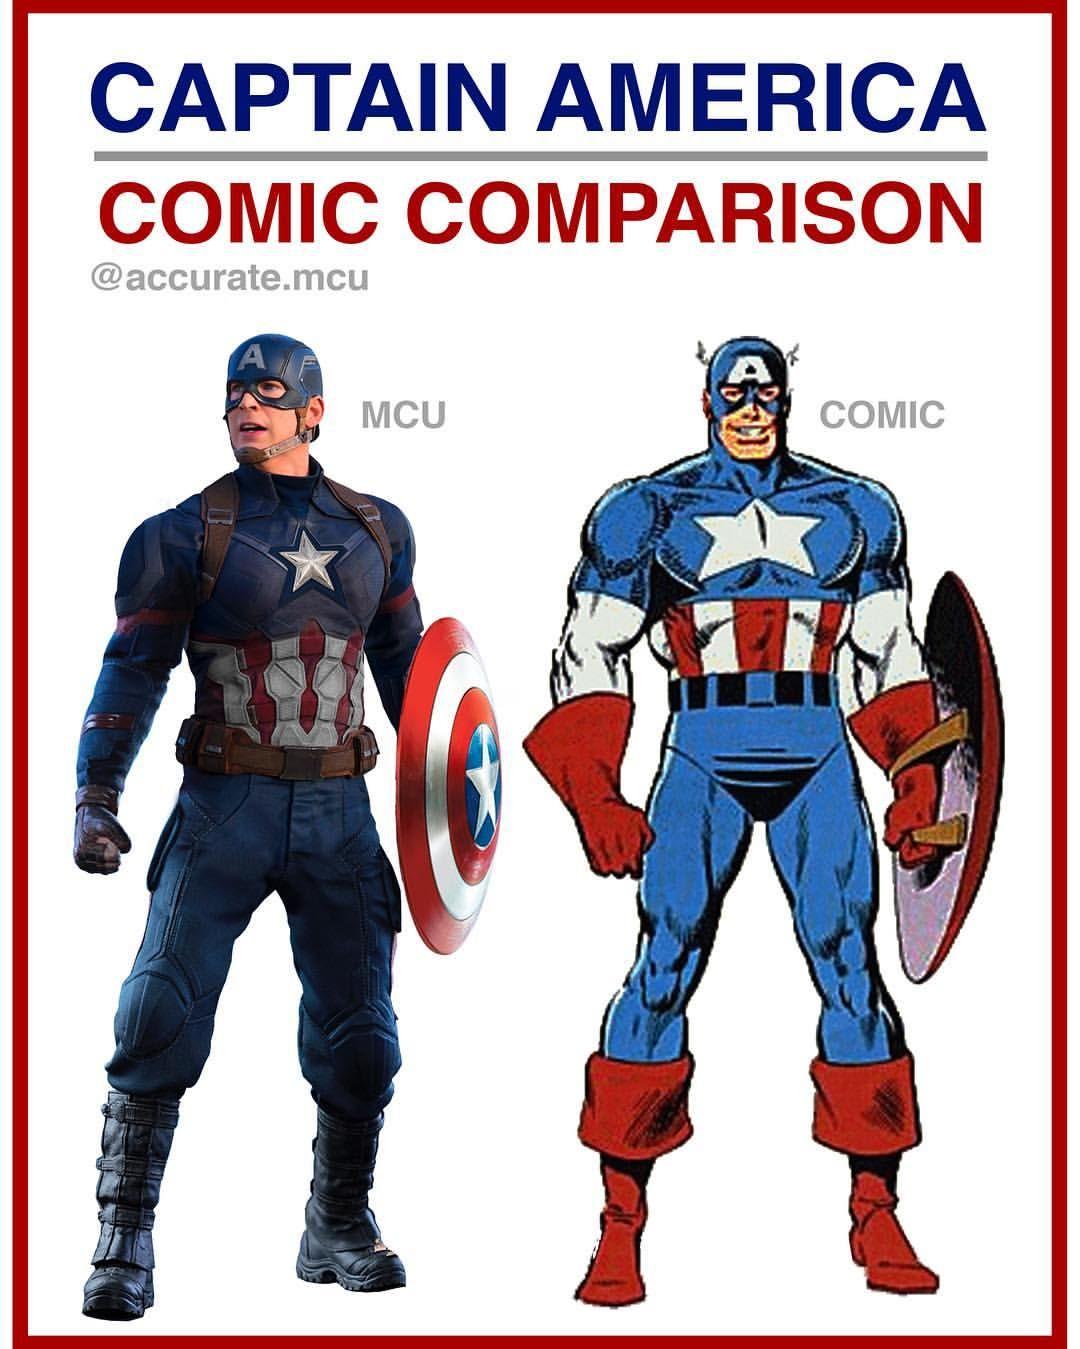 captain america - comic comparison• i love how comic accurate